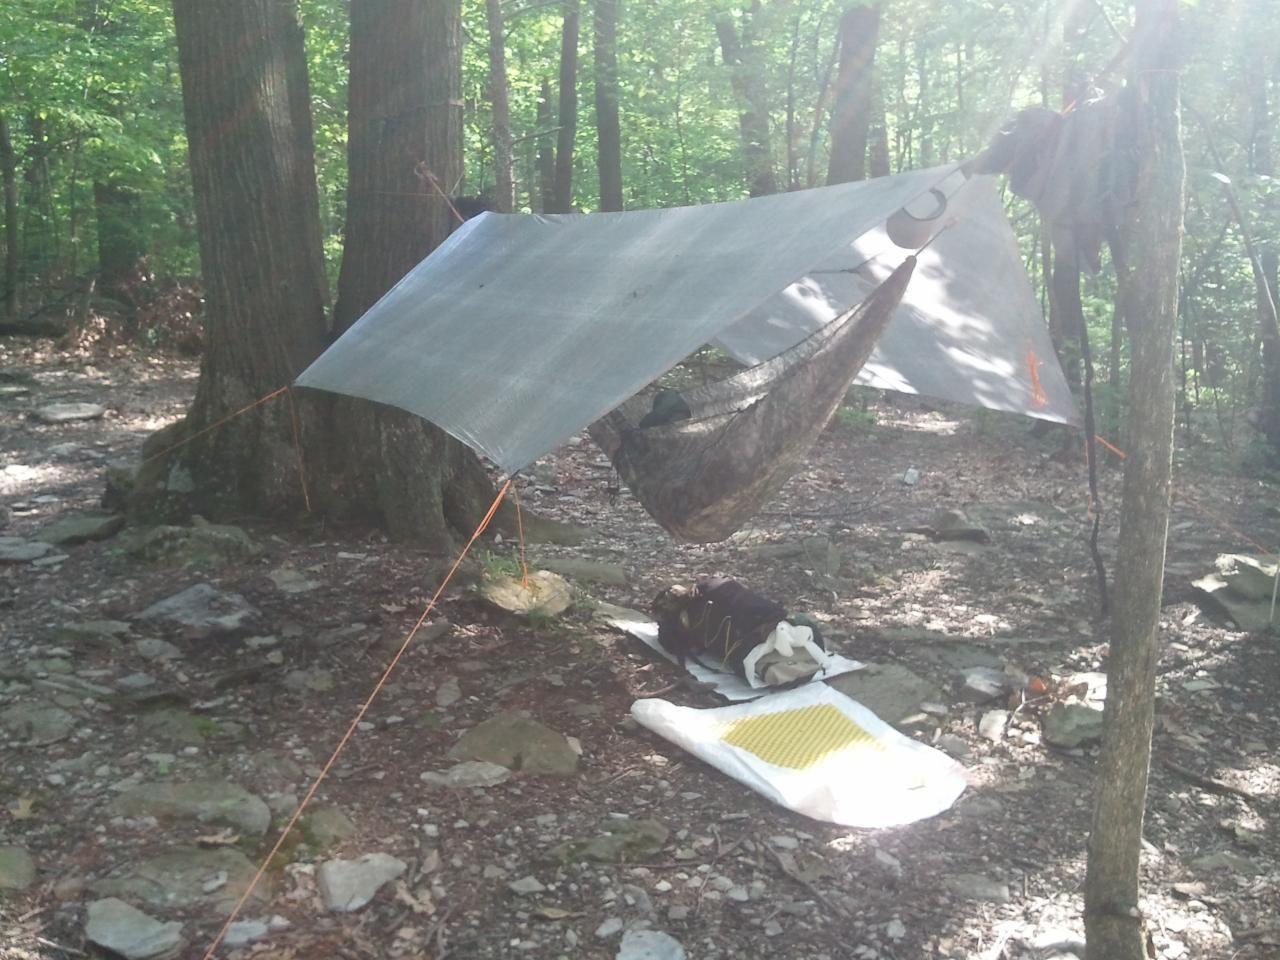 Cuben Fiber Hammock Hex Tarp Hammock Camping Hiking Hammock Camping Outfitters